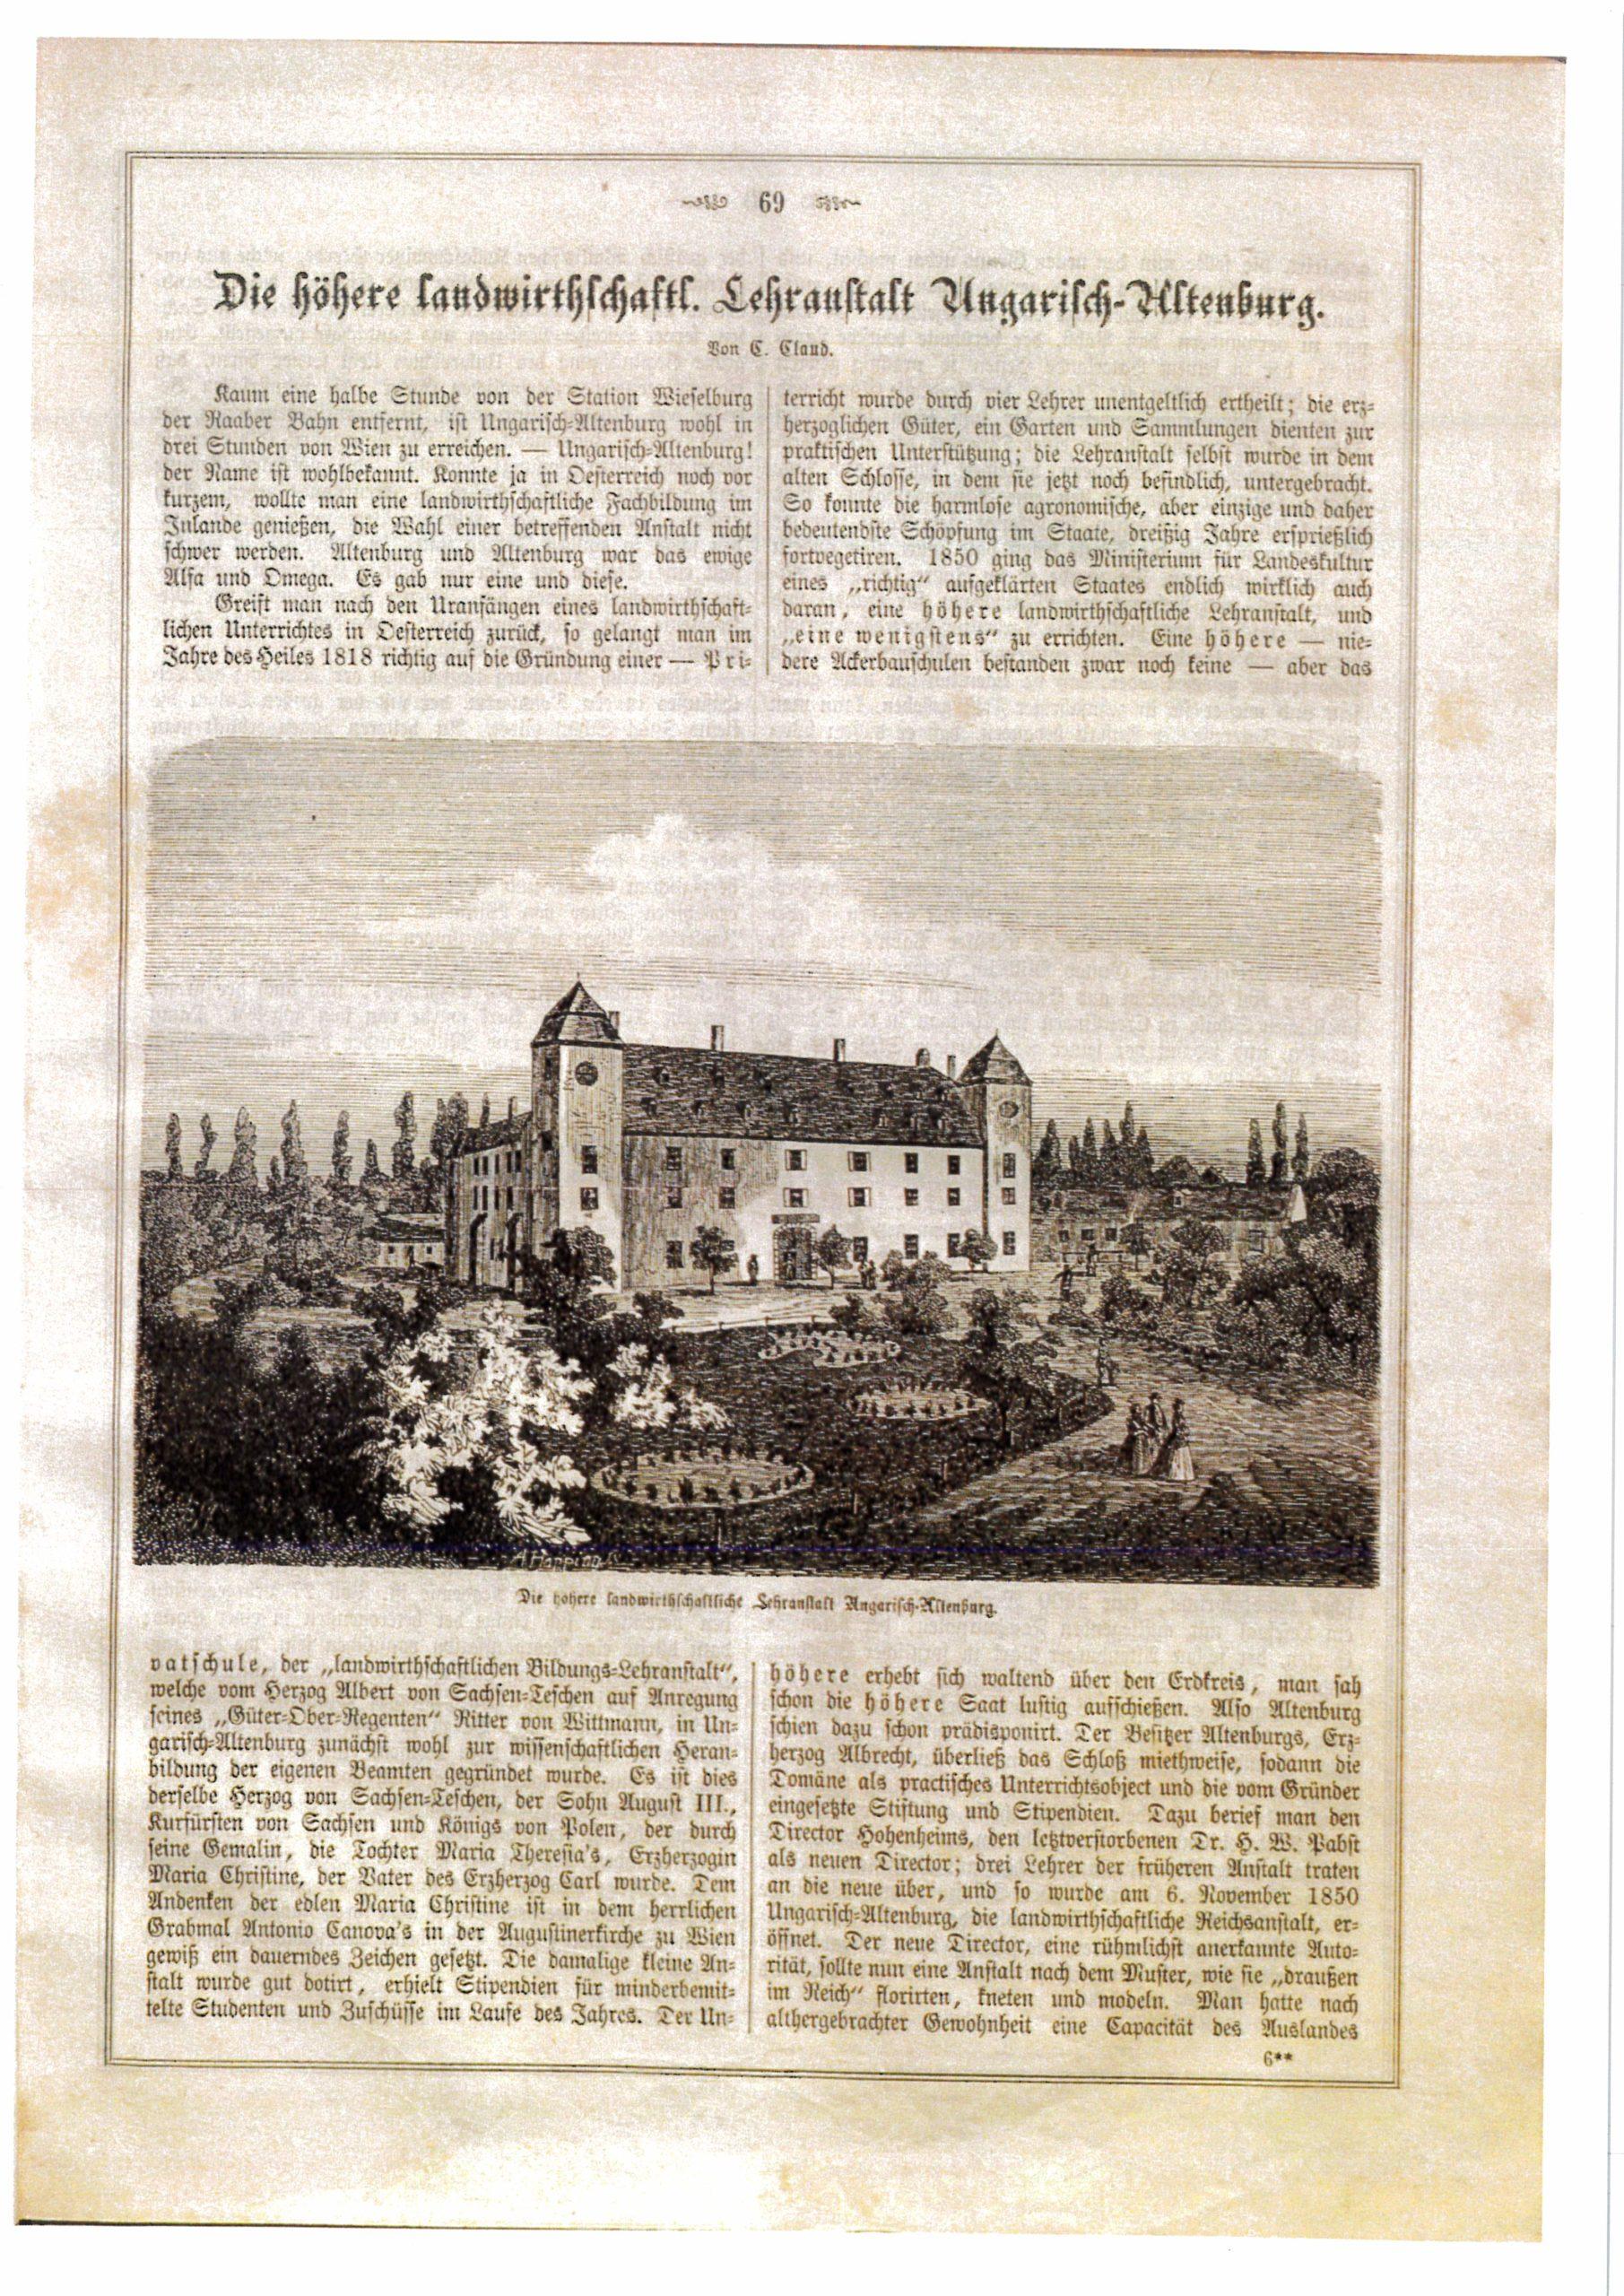 Scan einer Textseite, in der Mitte ist die Zeichnung eines in einer Landschaft situierten Gebäudes abgebildet.